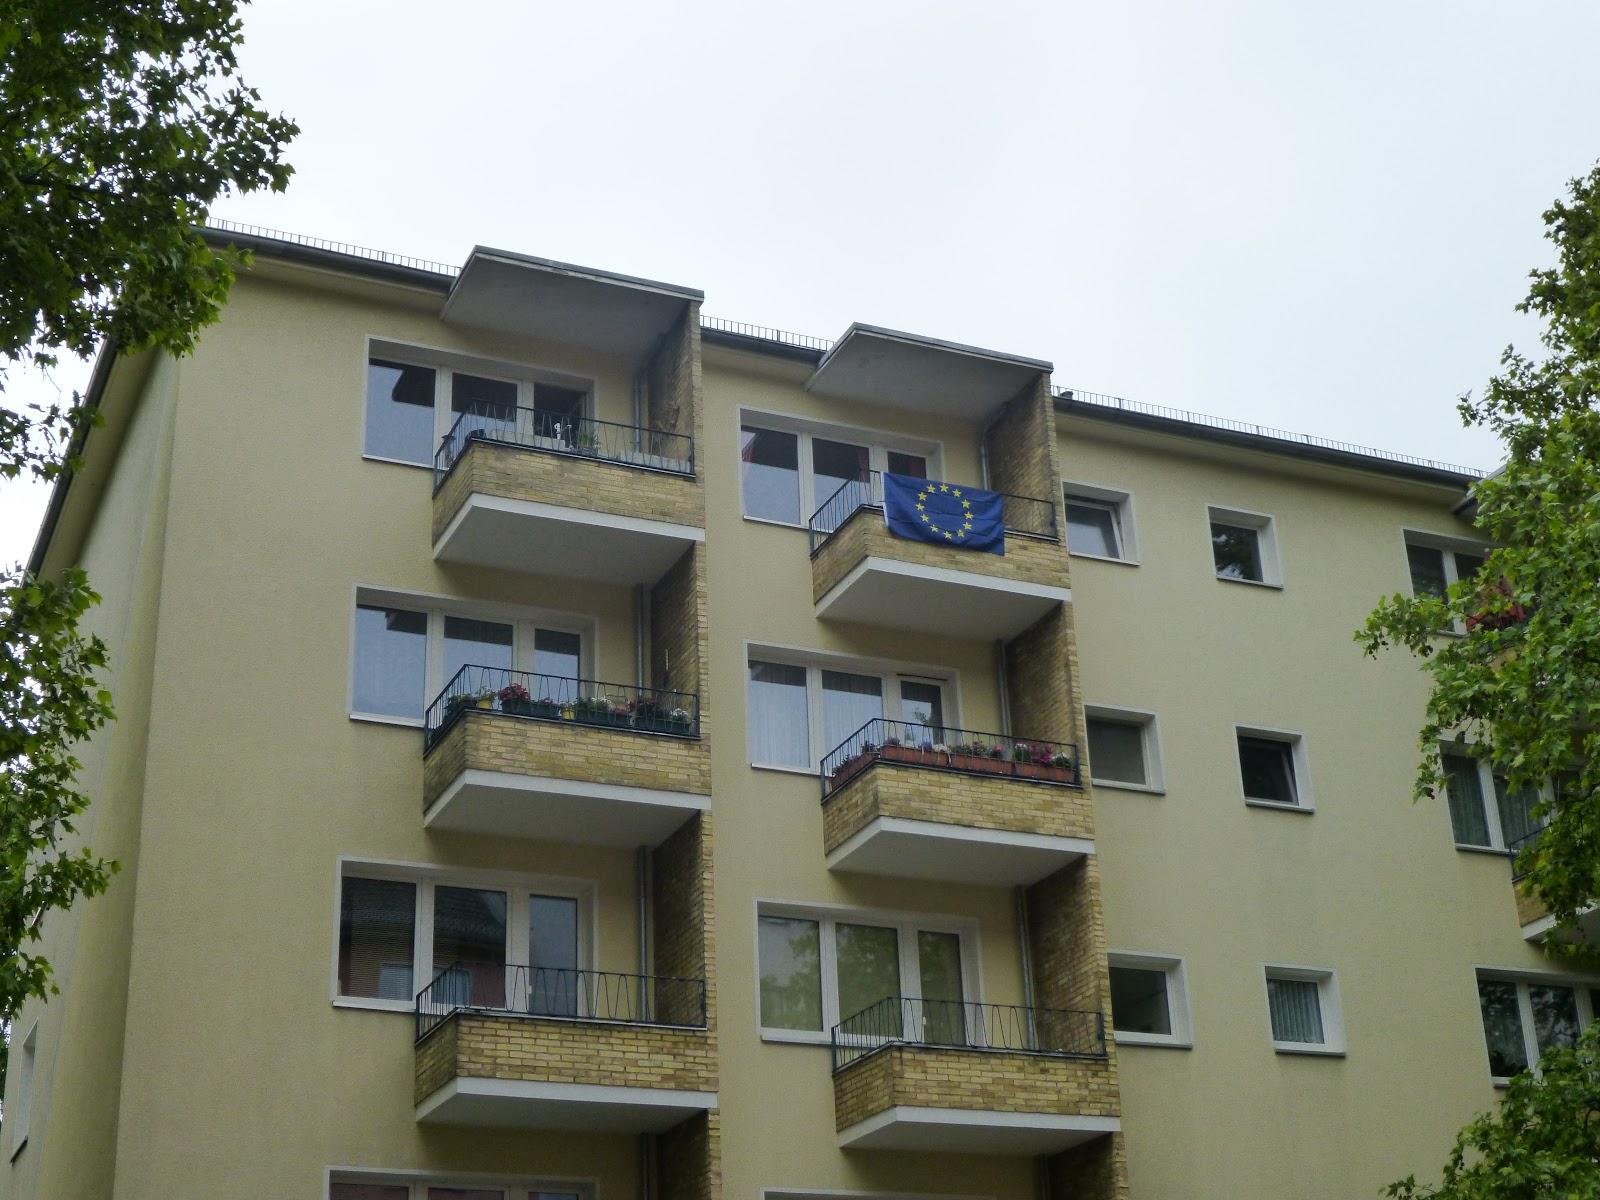 Mehrstöckiges Haus mit Balkonen; an einem einzelnen Balkon ist eine Europaflagge befestigt